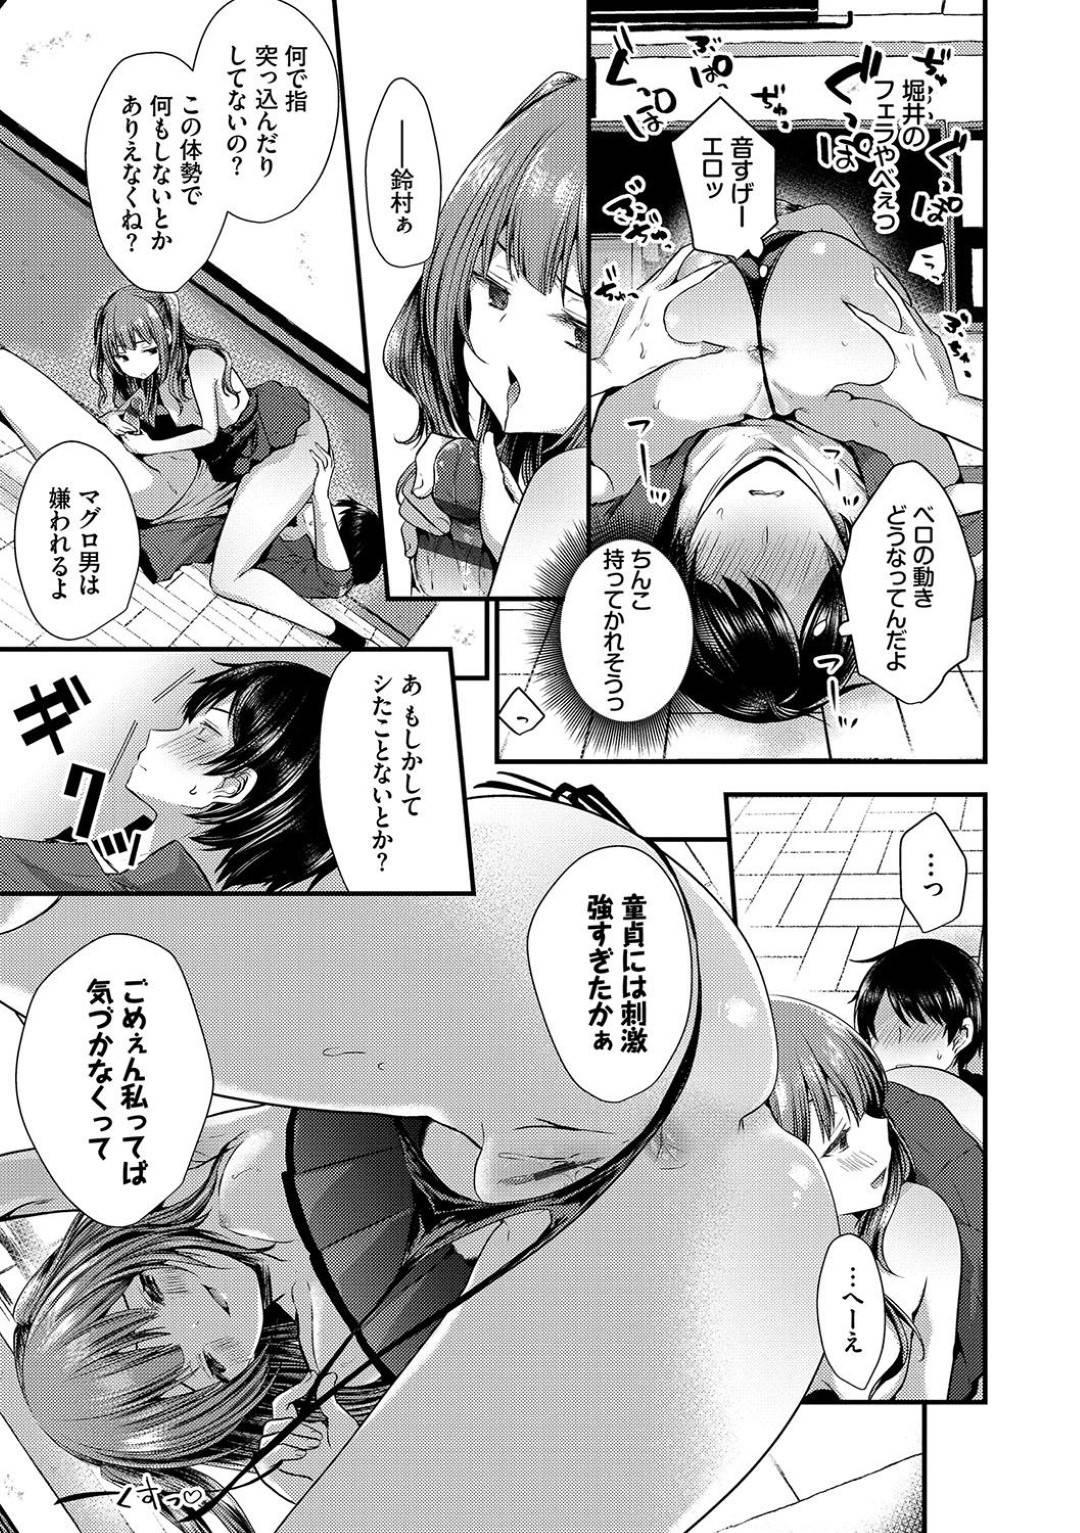 【エロ漫画】胸の大きさを盛っていたことがクラスメイトにバレてしまったちっパイJK…口止めとしてセックスしてあげることに!廊下に他の生徒がいる状況で激しく連続中出しセックスで絶頂!【まれお】